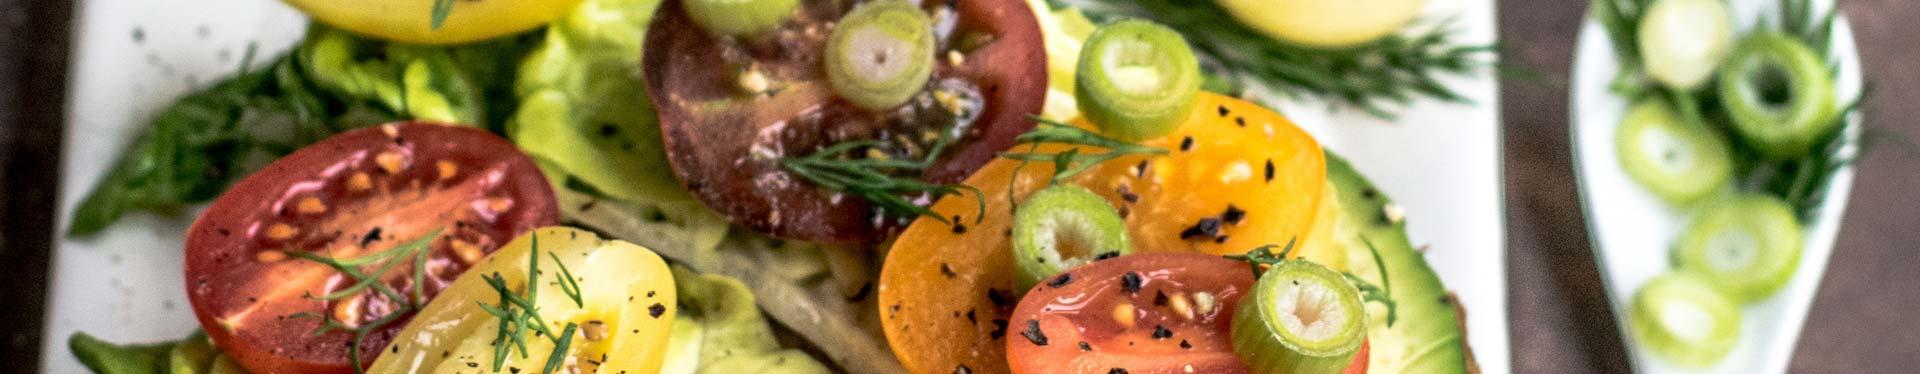 Bücher über vegane & vegetarische Küche